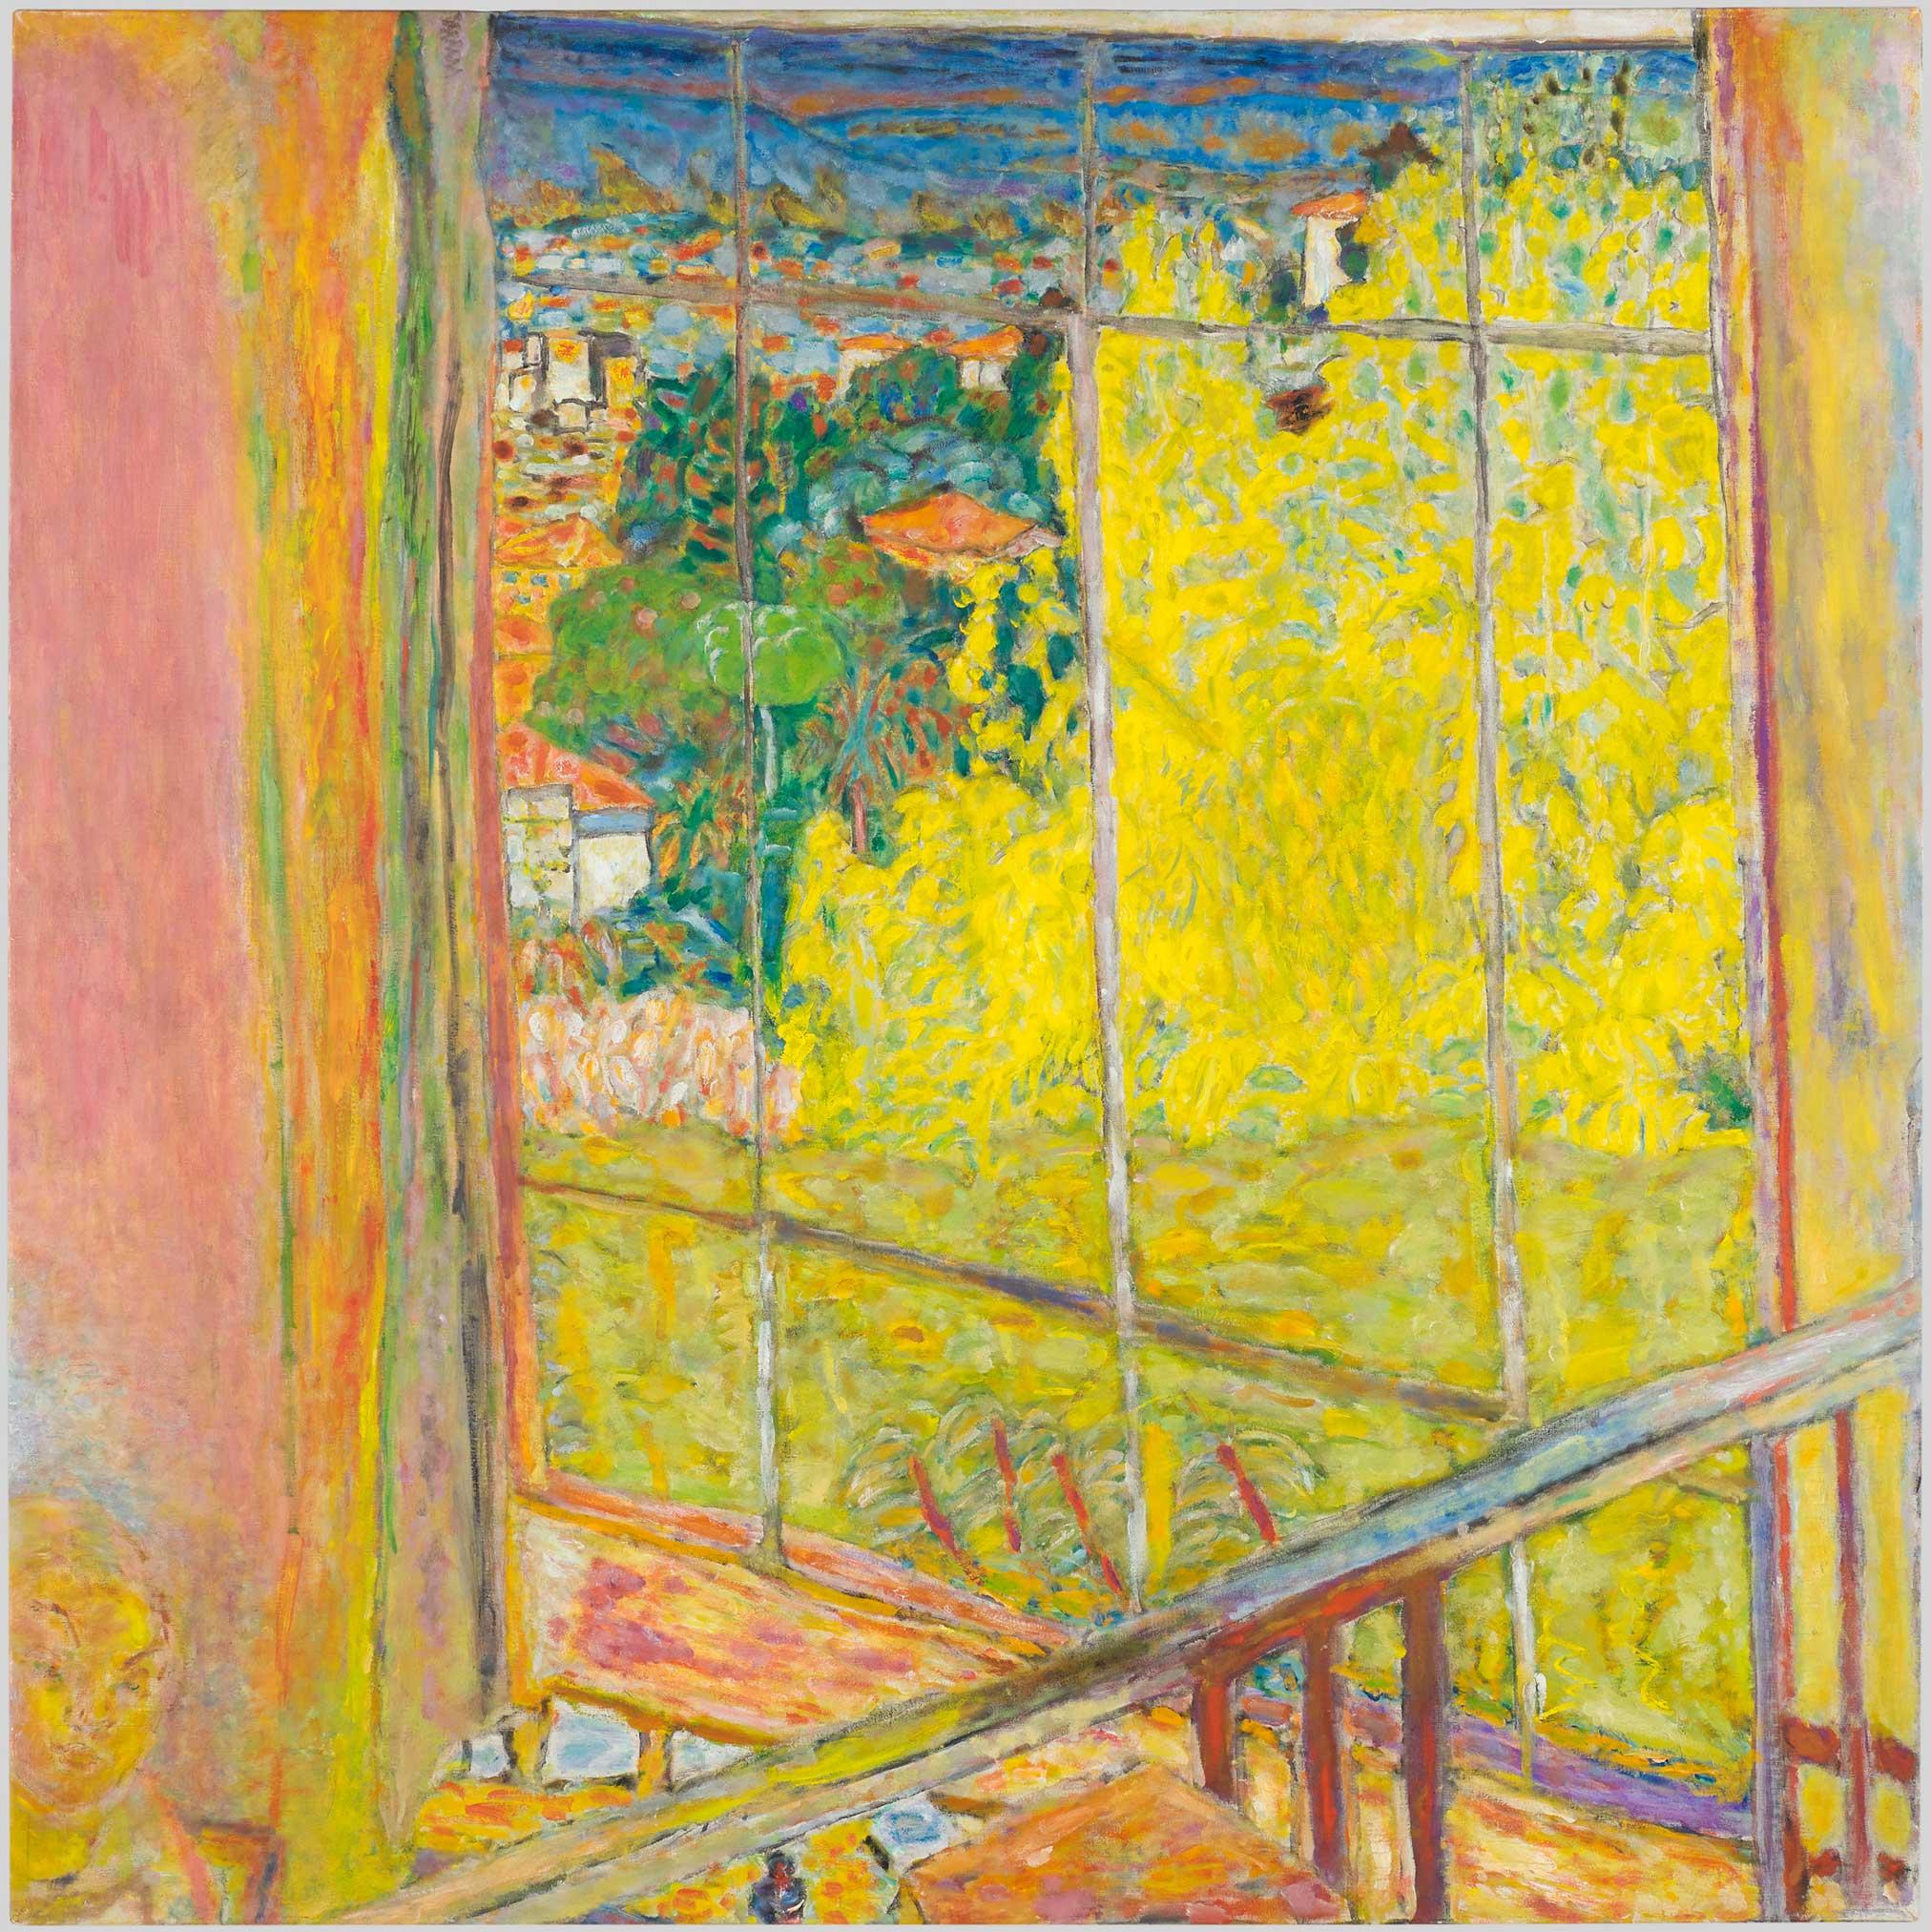 https://1843magazine.static-economist.com/sites/default/files/Pierre-Bonnard-L%27atelier-au-mimosa-1939-46-Muse%CC%81e-National-d%27Art-Moderne---Centre-Pompidou-%28Paris%2C-France%29_0.jpg